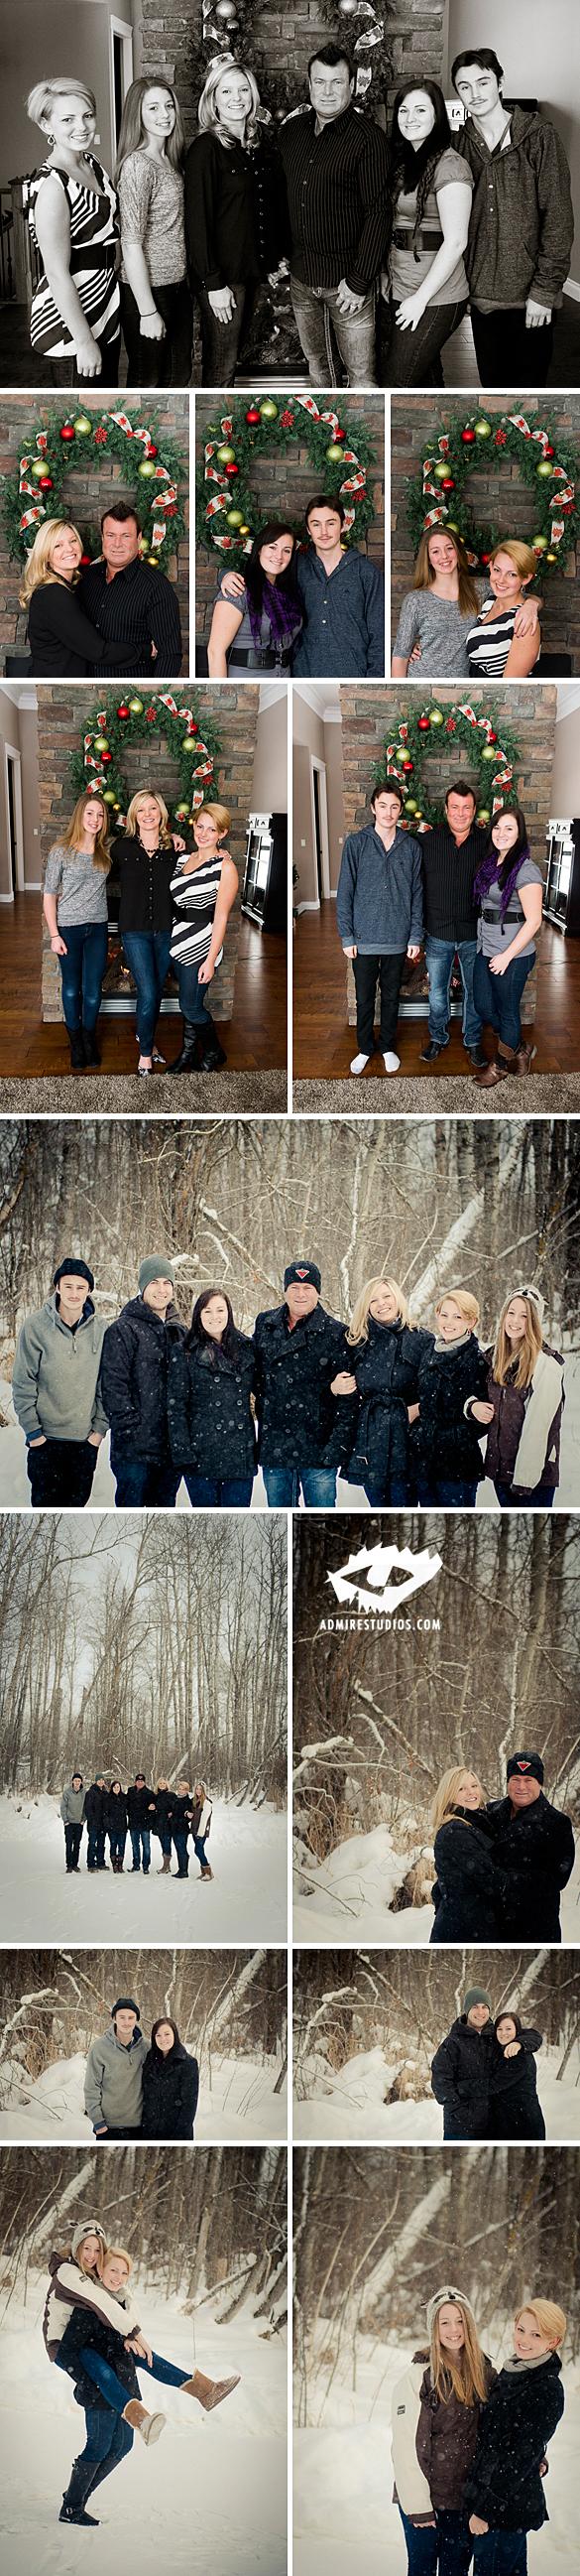 christmas family photos edmonton